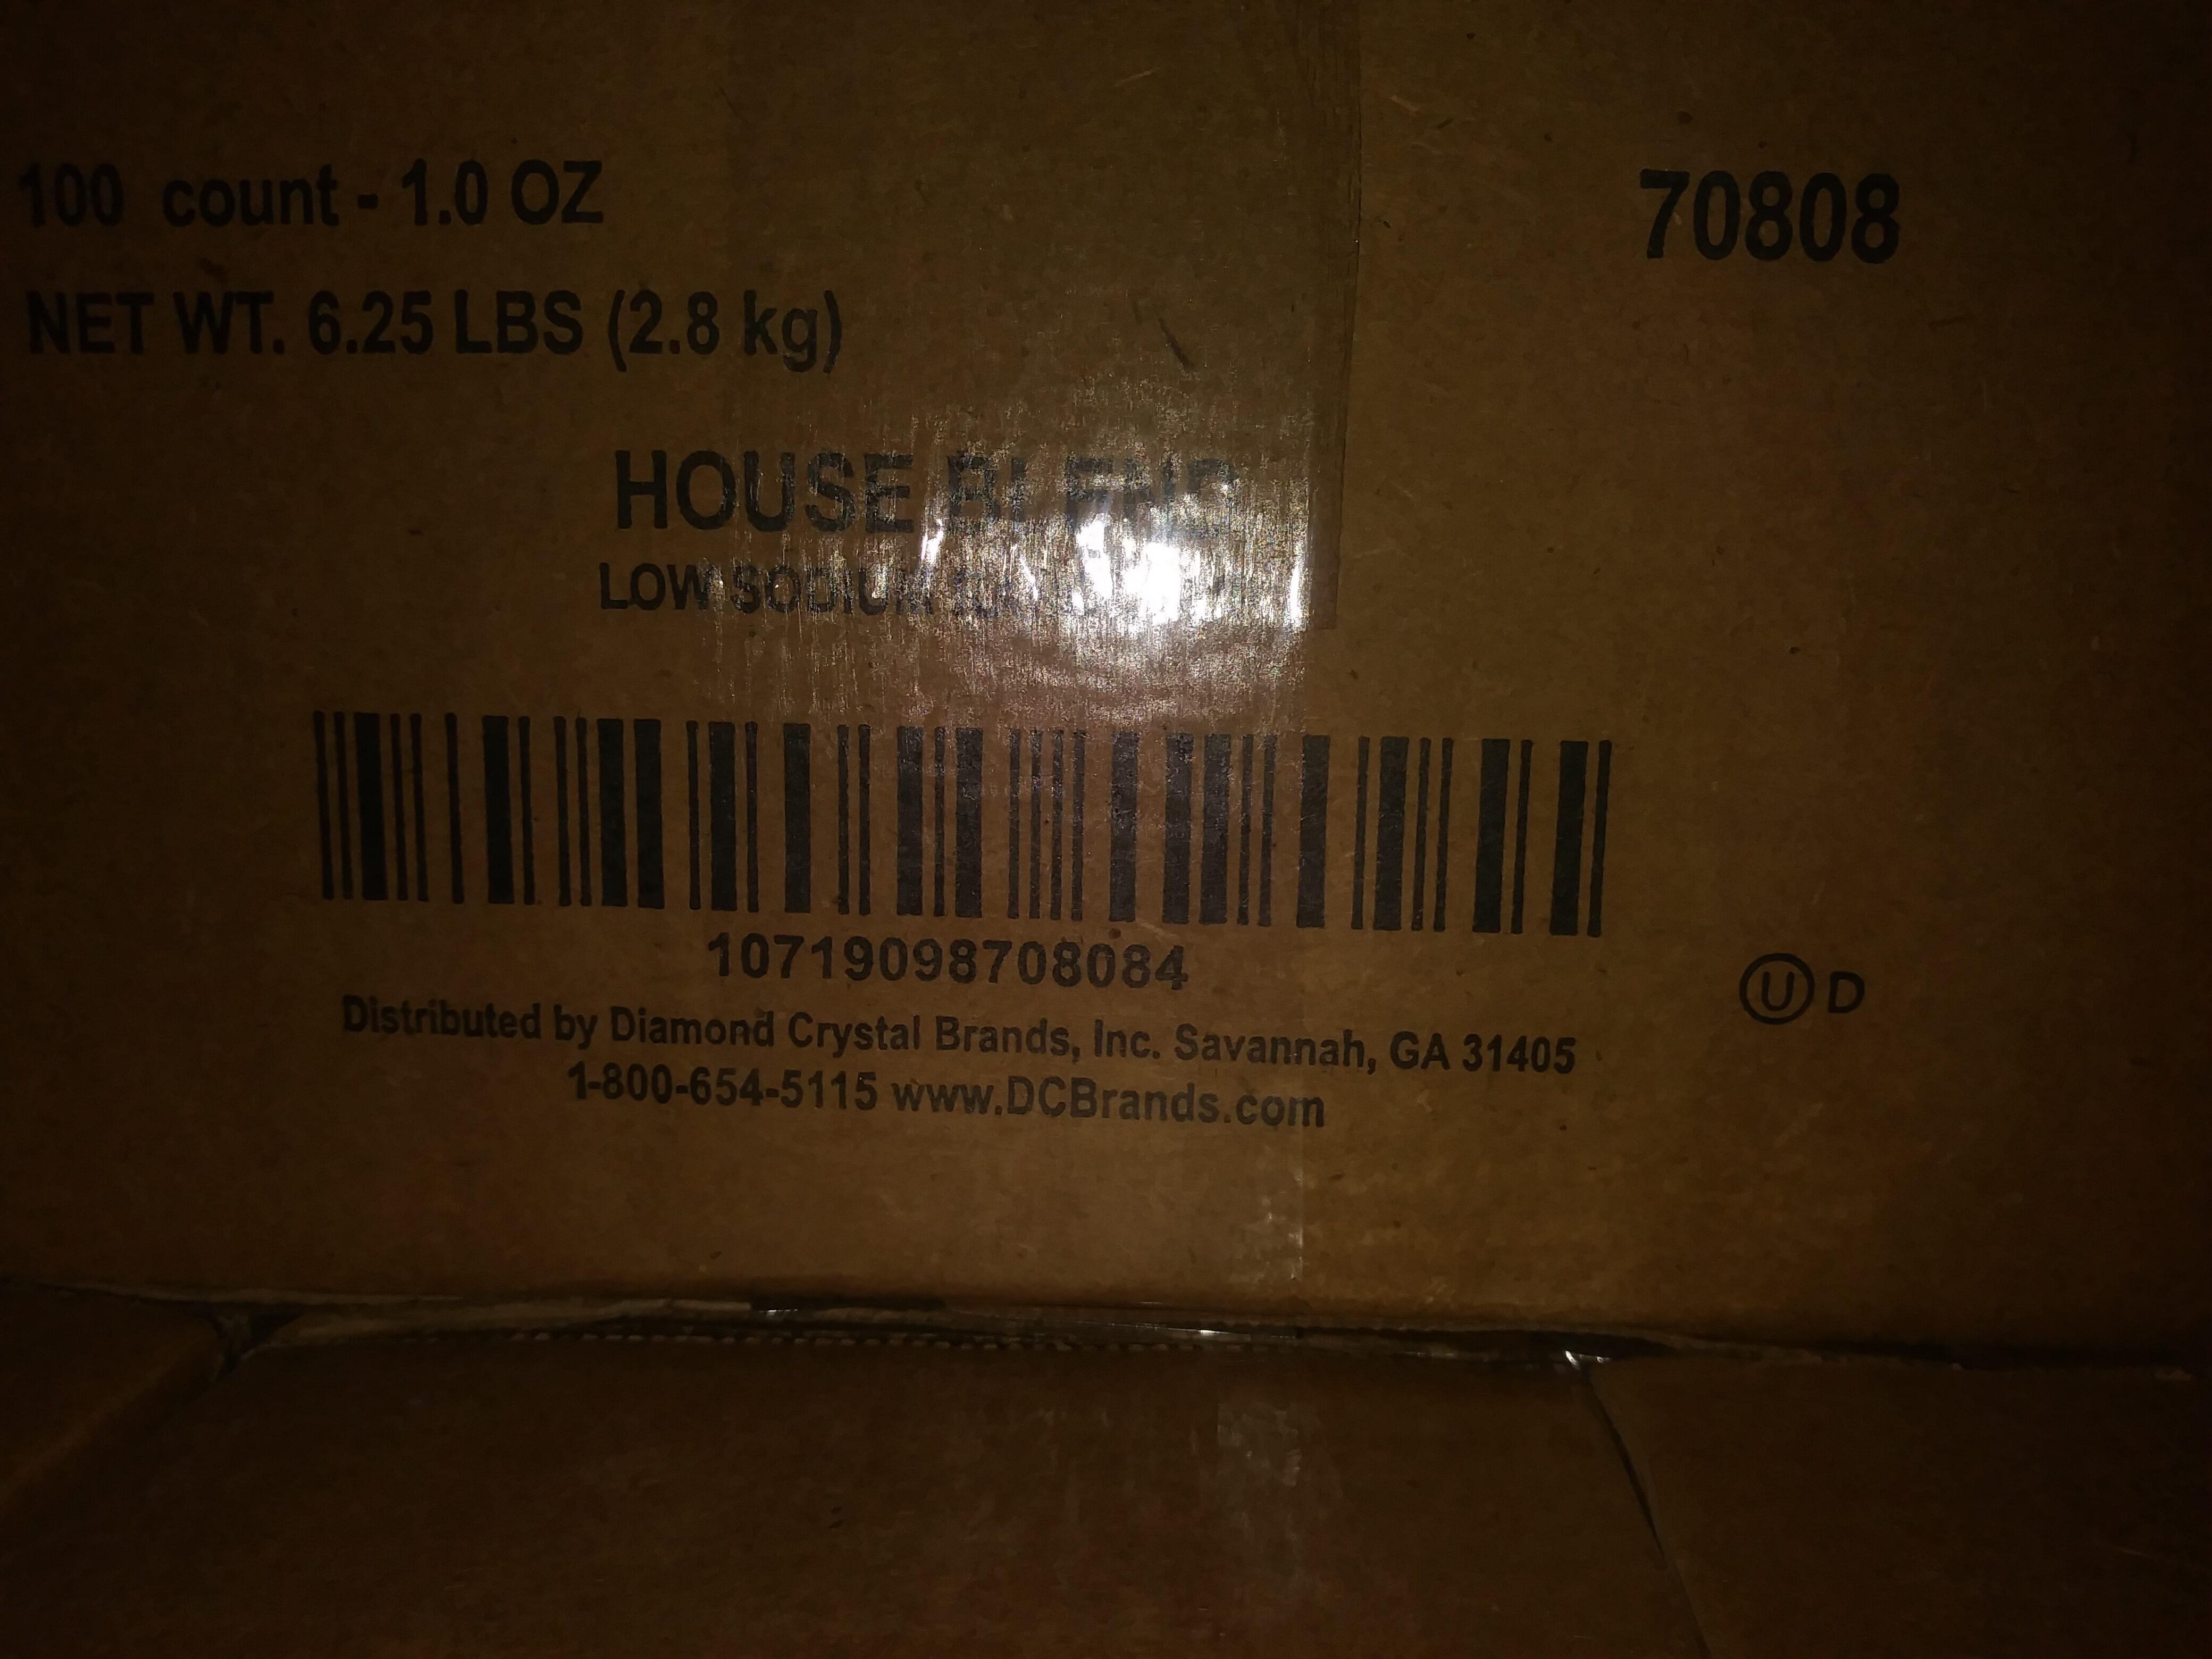 HOUSE BLEND Low Sodium Ranch - Product - en